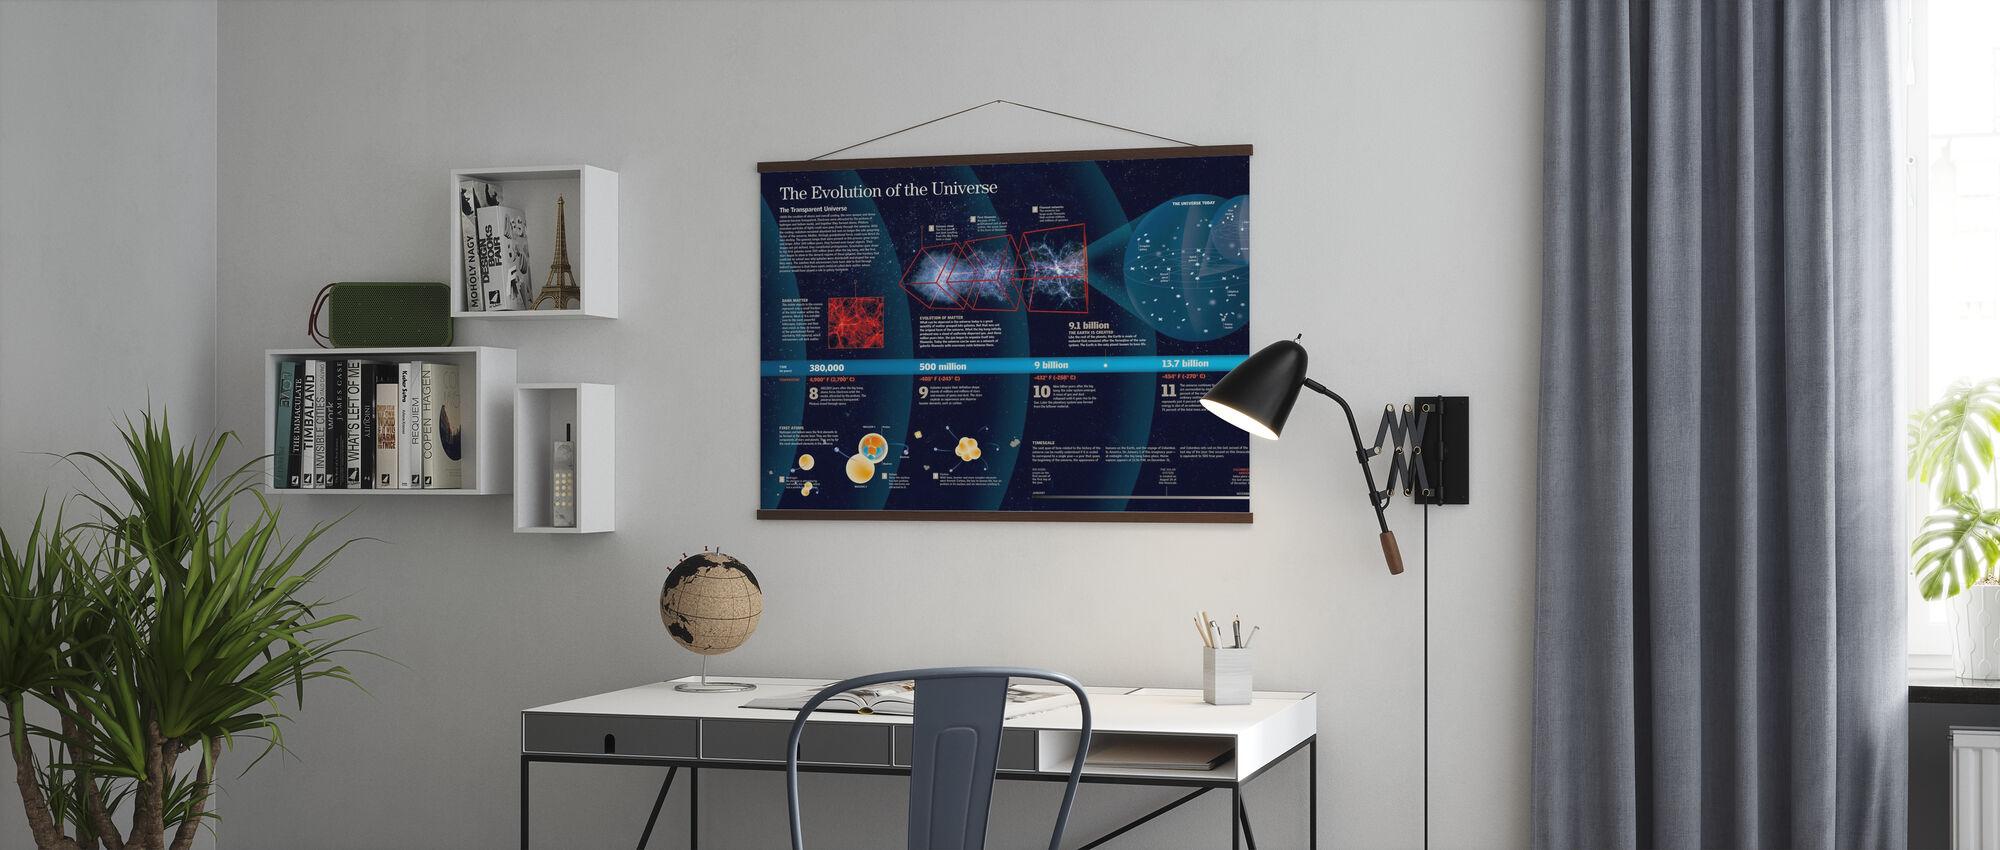 L'evoluzione dell'universo - Poster - Uffici